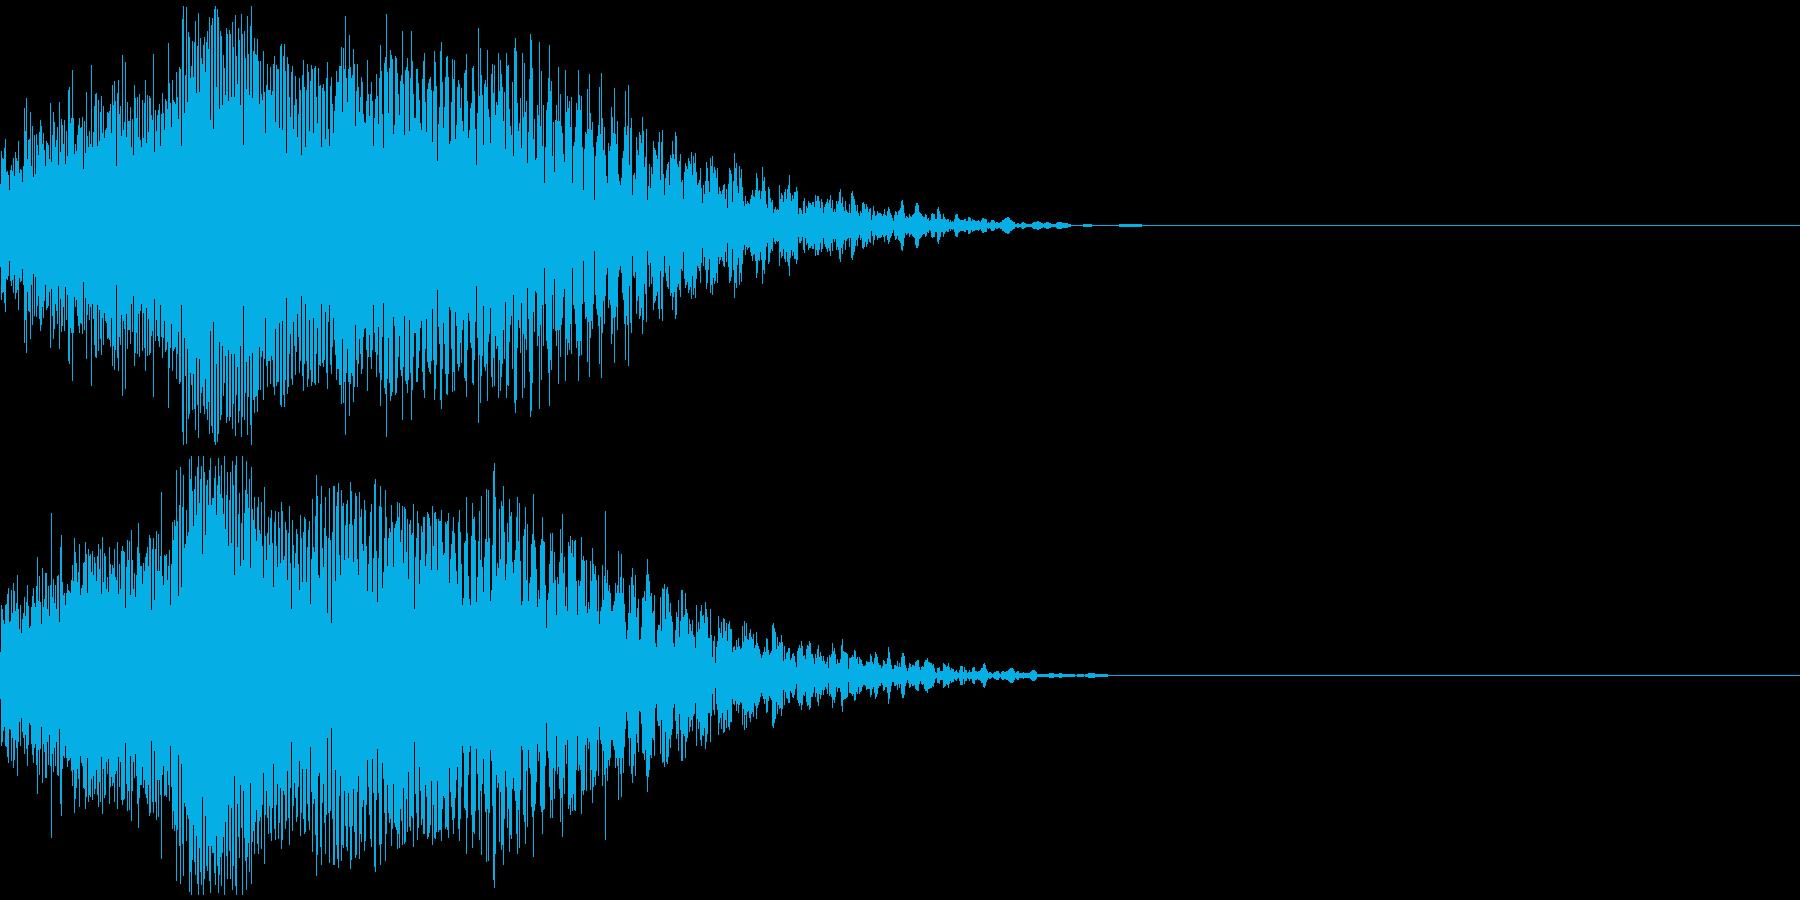 ビーム・レーザ音の再生済みの波形